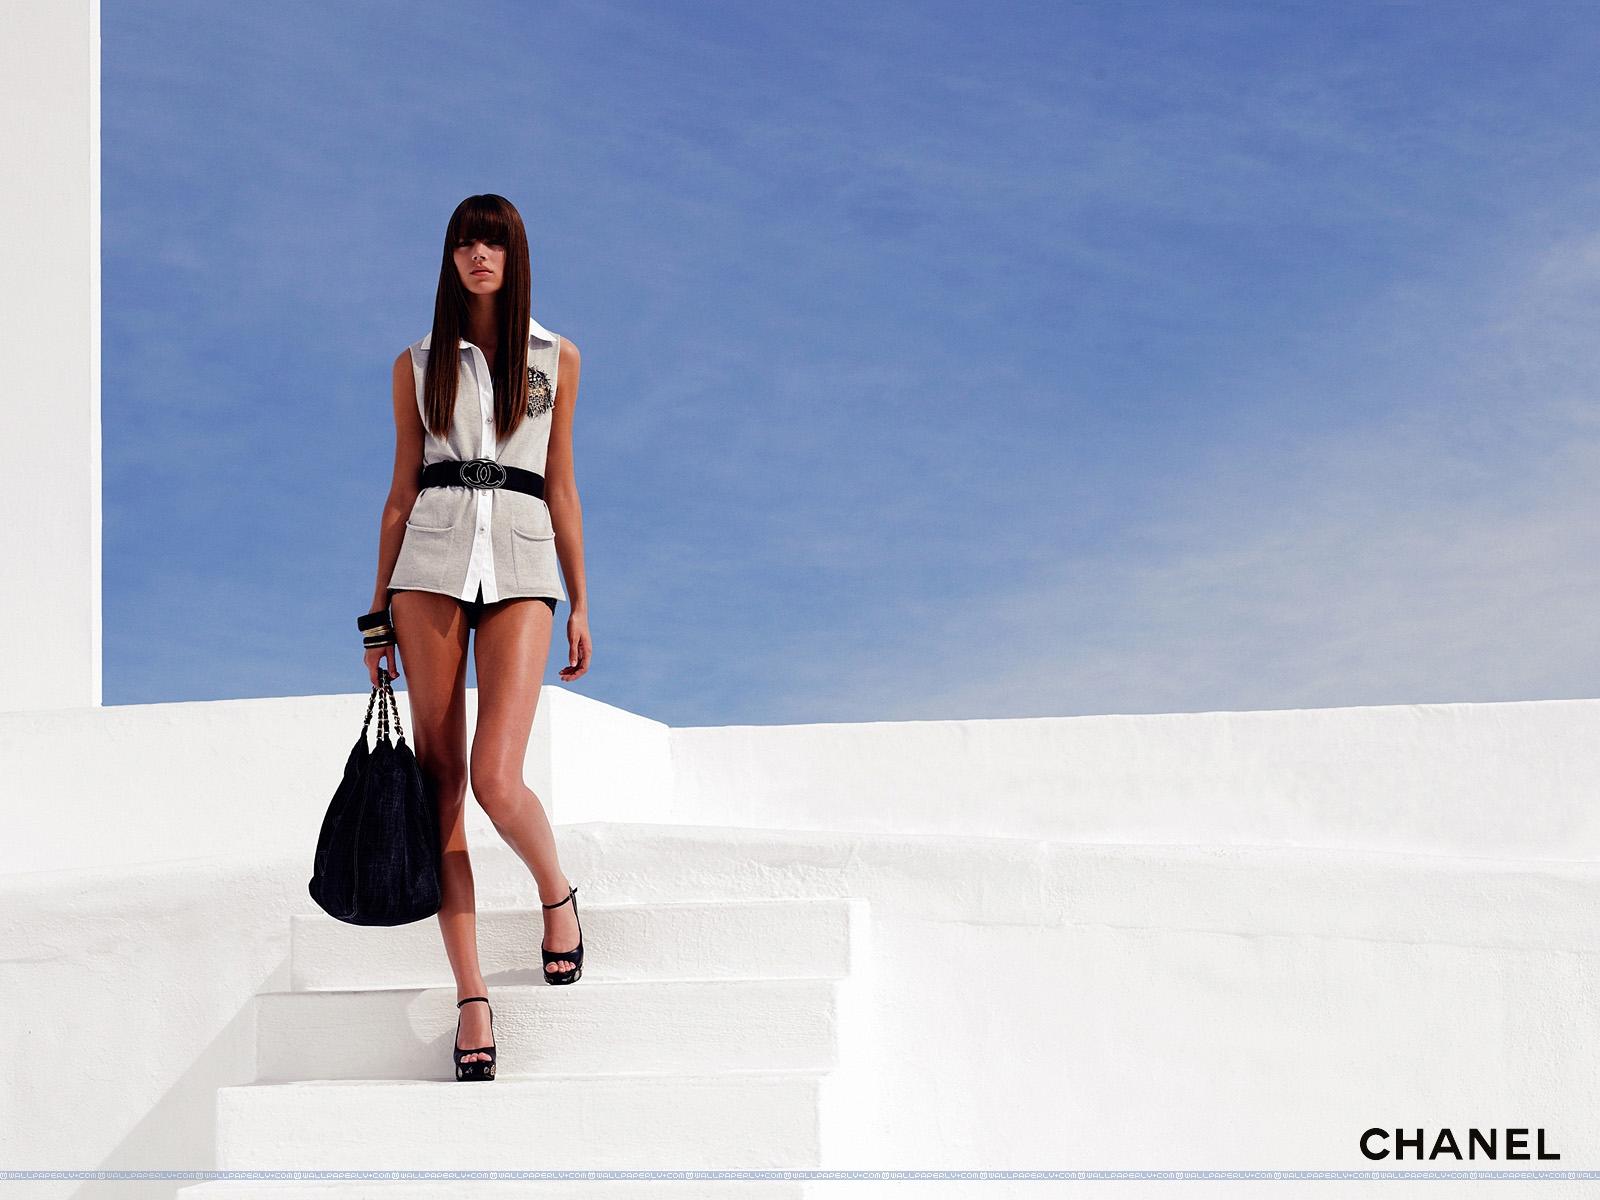 Sfondi Modello Moda Azienda Estate Chanel Marca Top Model